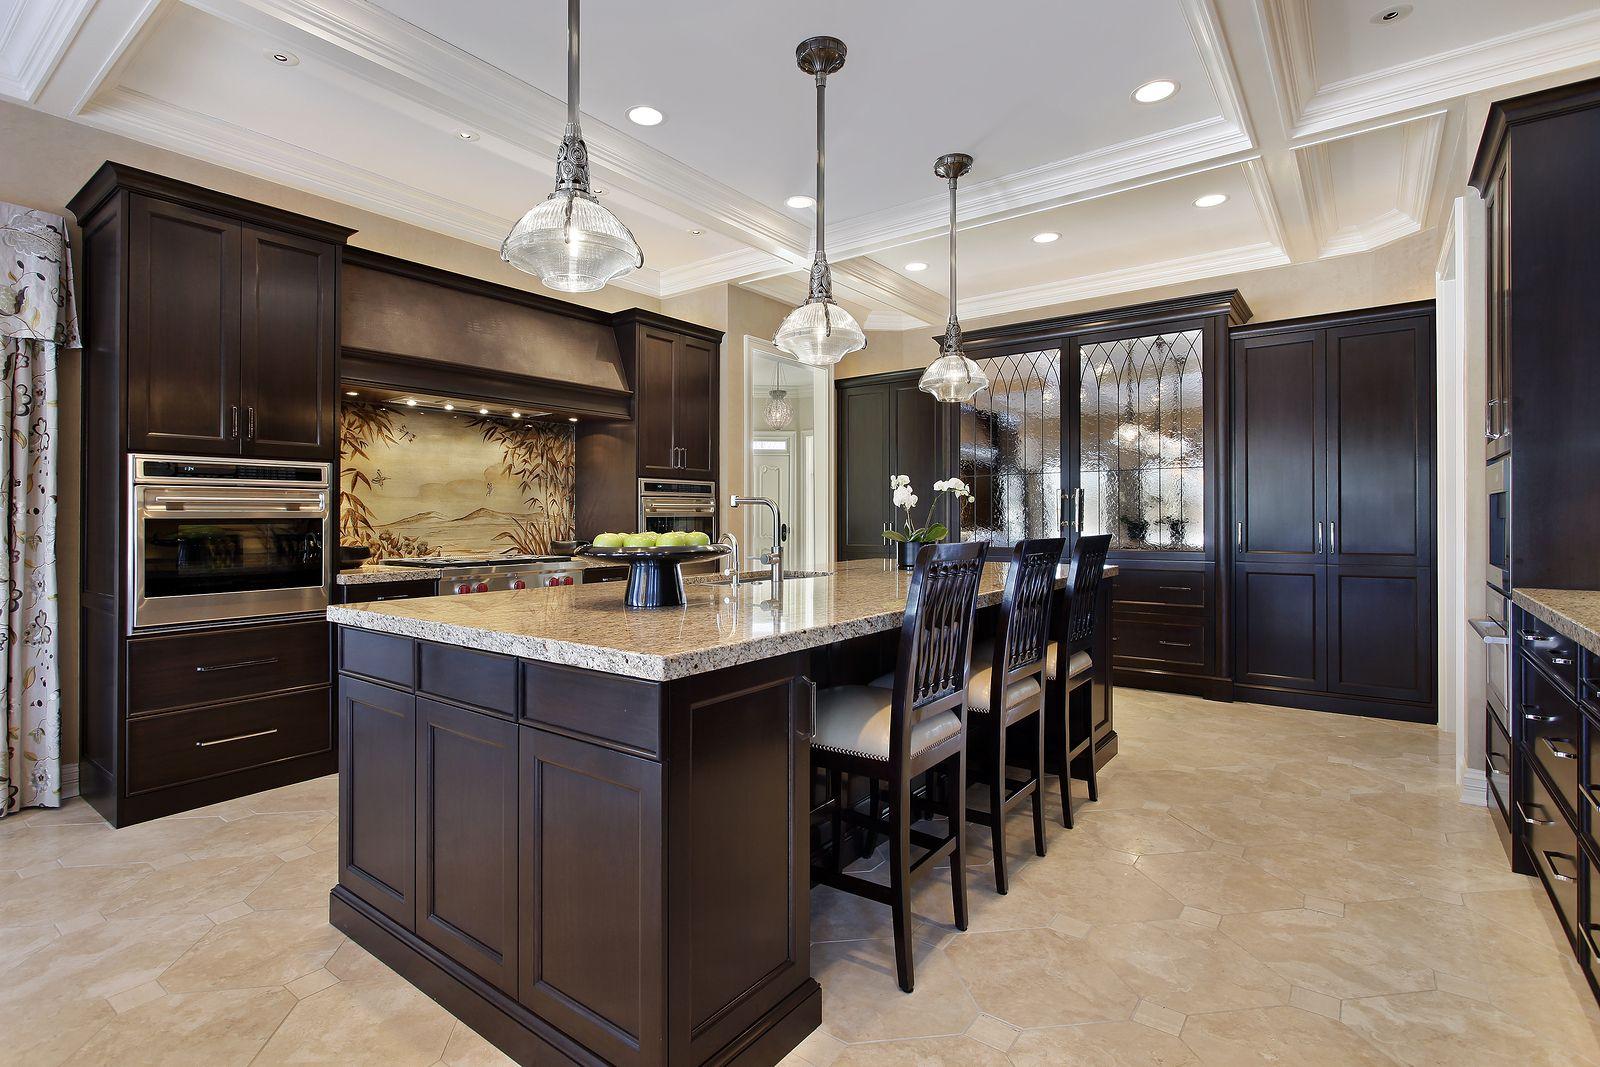 21 Kitchens With Dark Cabinets Page 2 Of 2 Insider Digest Luxury Kitchen Design Dark Kitchen Modern Kitchen Design